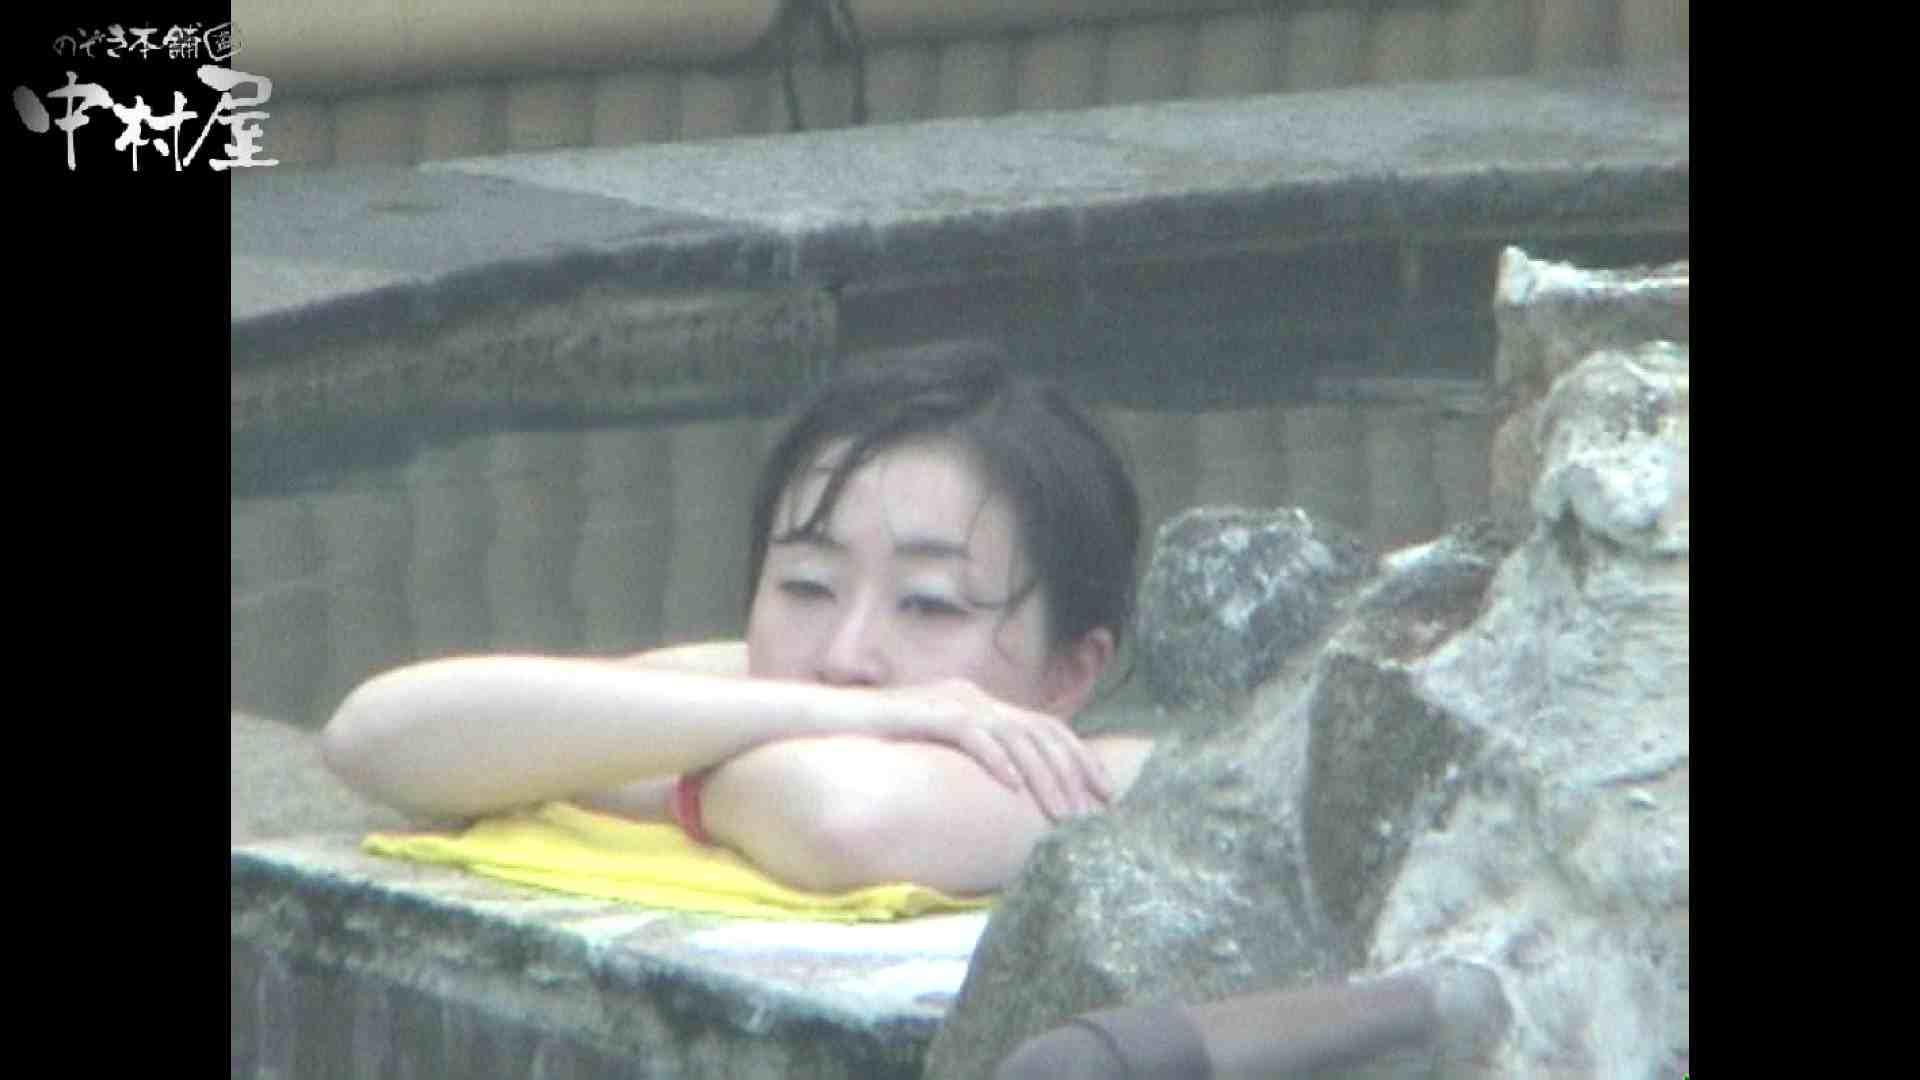 Aquaな露天風呂Vol.957 盗撮シリーズ  110PIX 86